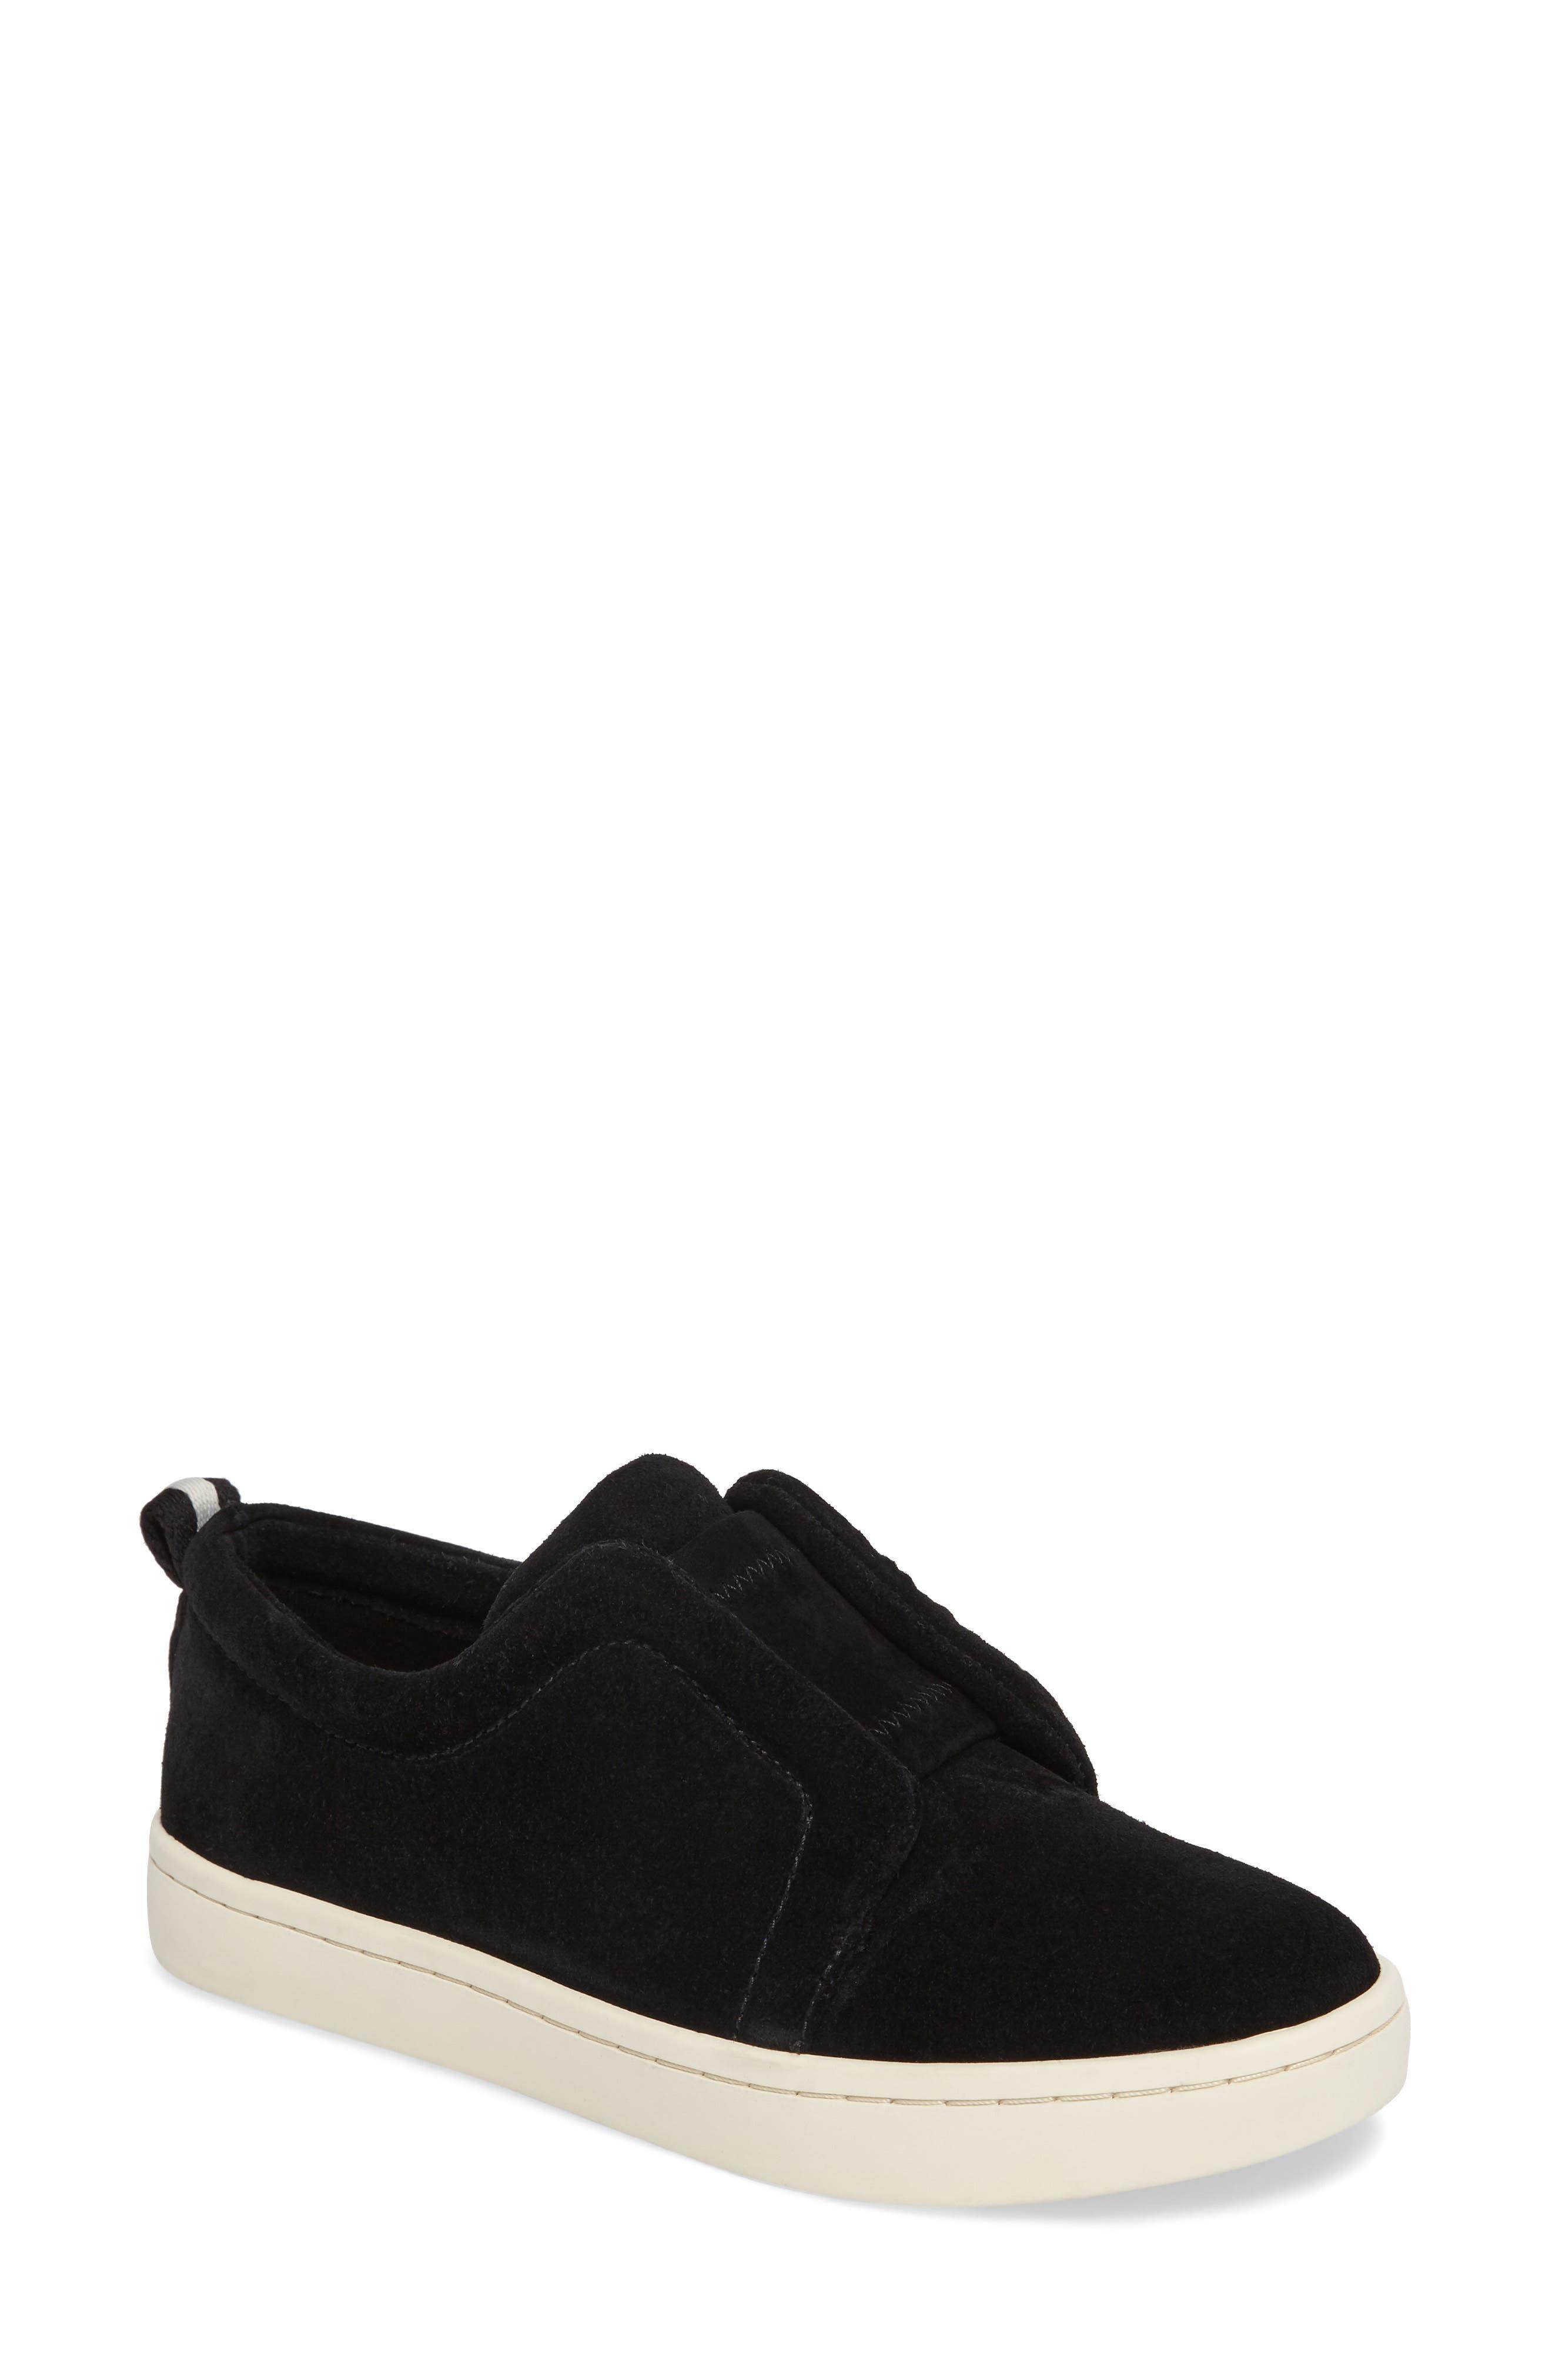 Dagny Slip-On Sneaker,                             Main thumbnail 1, color,